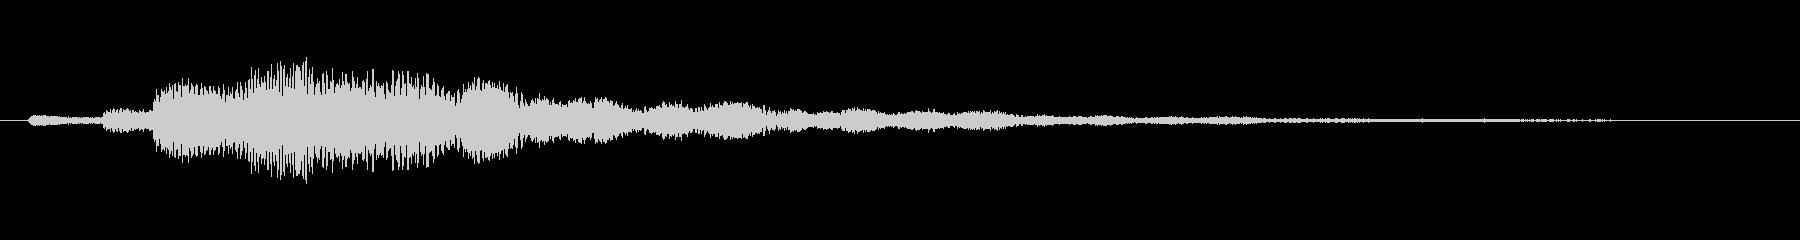 【ギター】神秘的なワン・フレーズの未再生の波形